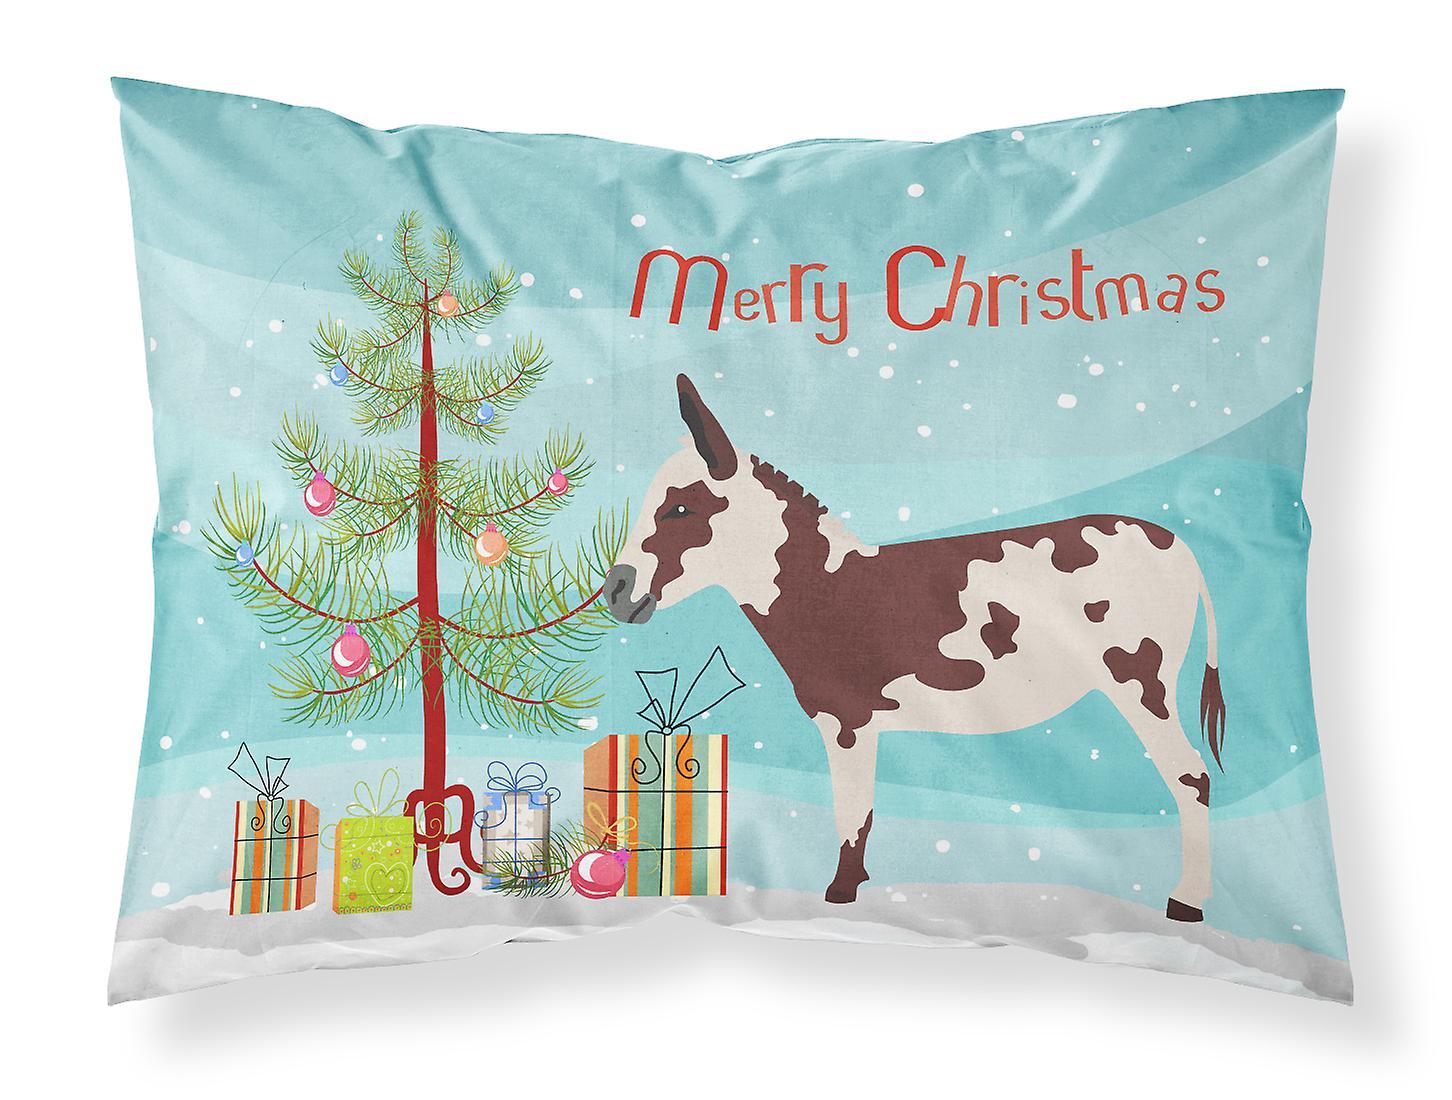 Taie Donkey Tissu Standard Noël D'oreiller De Américain Tacheté lFTcK1J